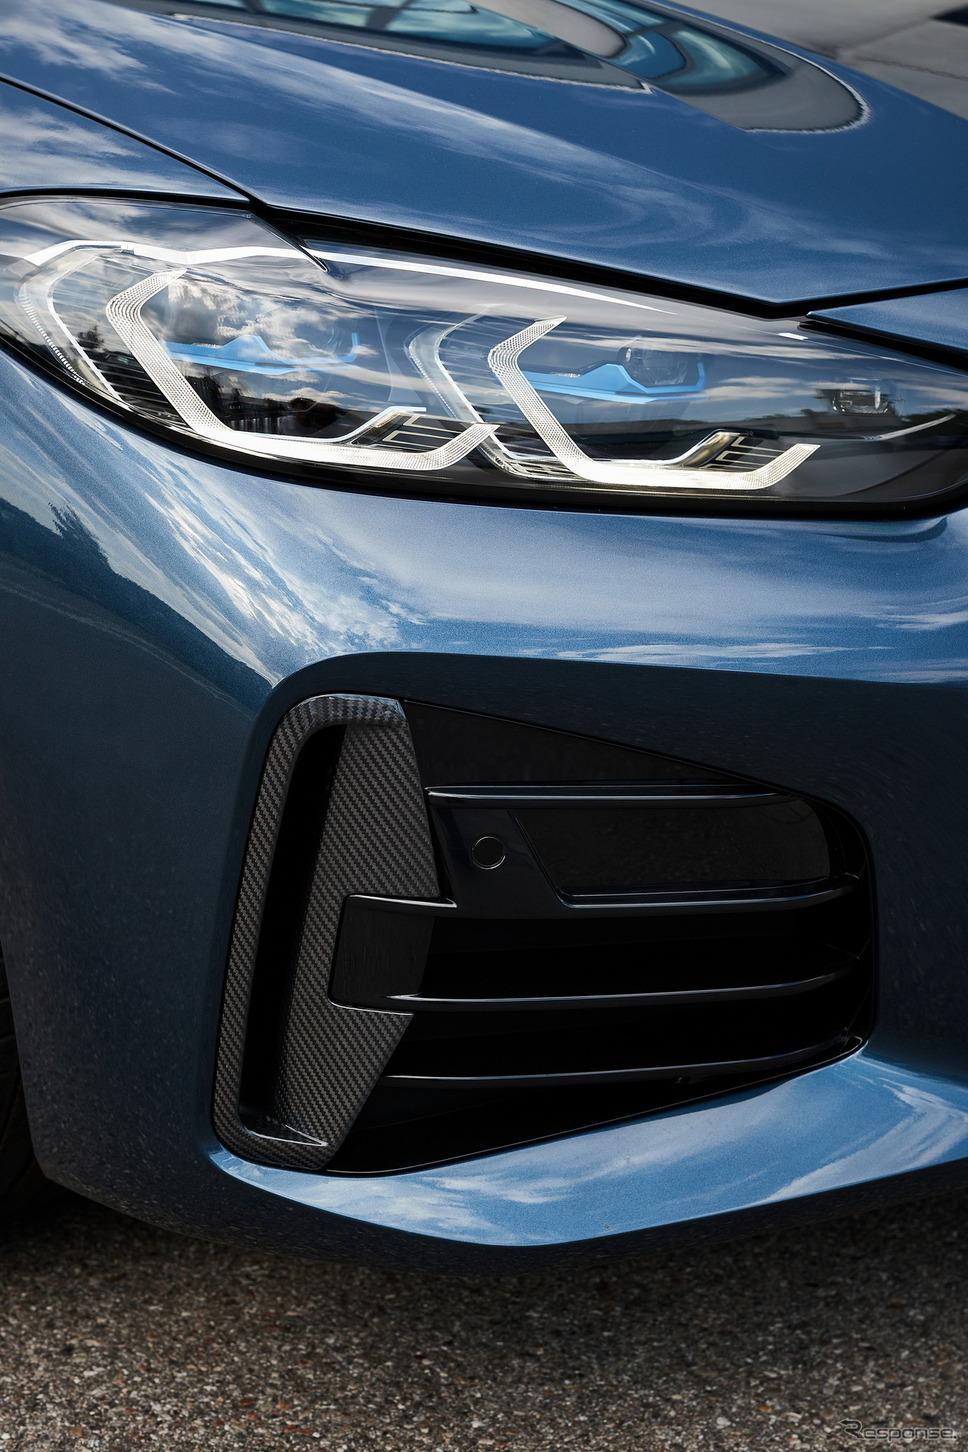 BMW 4シリーズ・クーペ 新型の「Mカーボンエクステリアパッケージ」《photo by BMW》